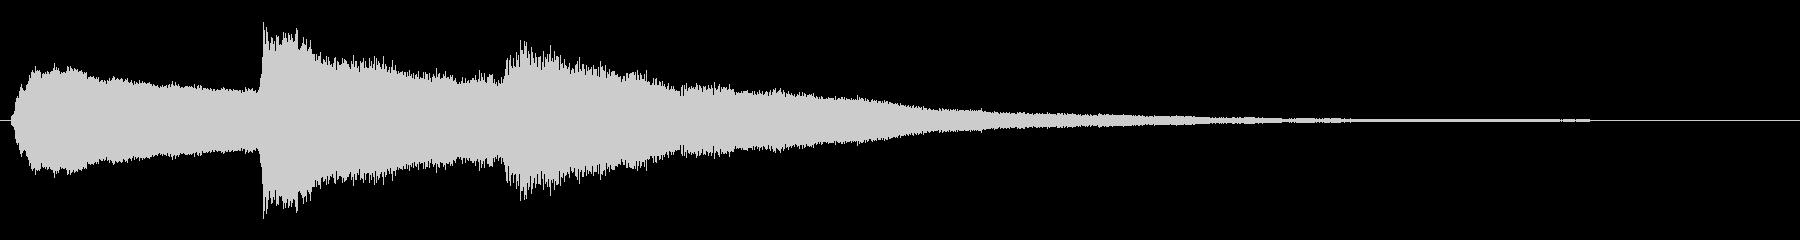 ピロリロリン_場面転換の定番効果音の未再生の波形